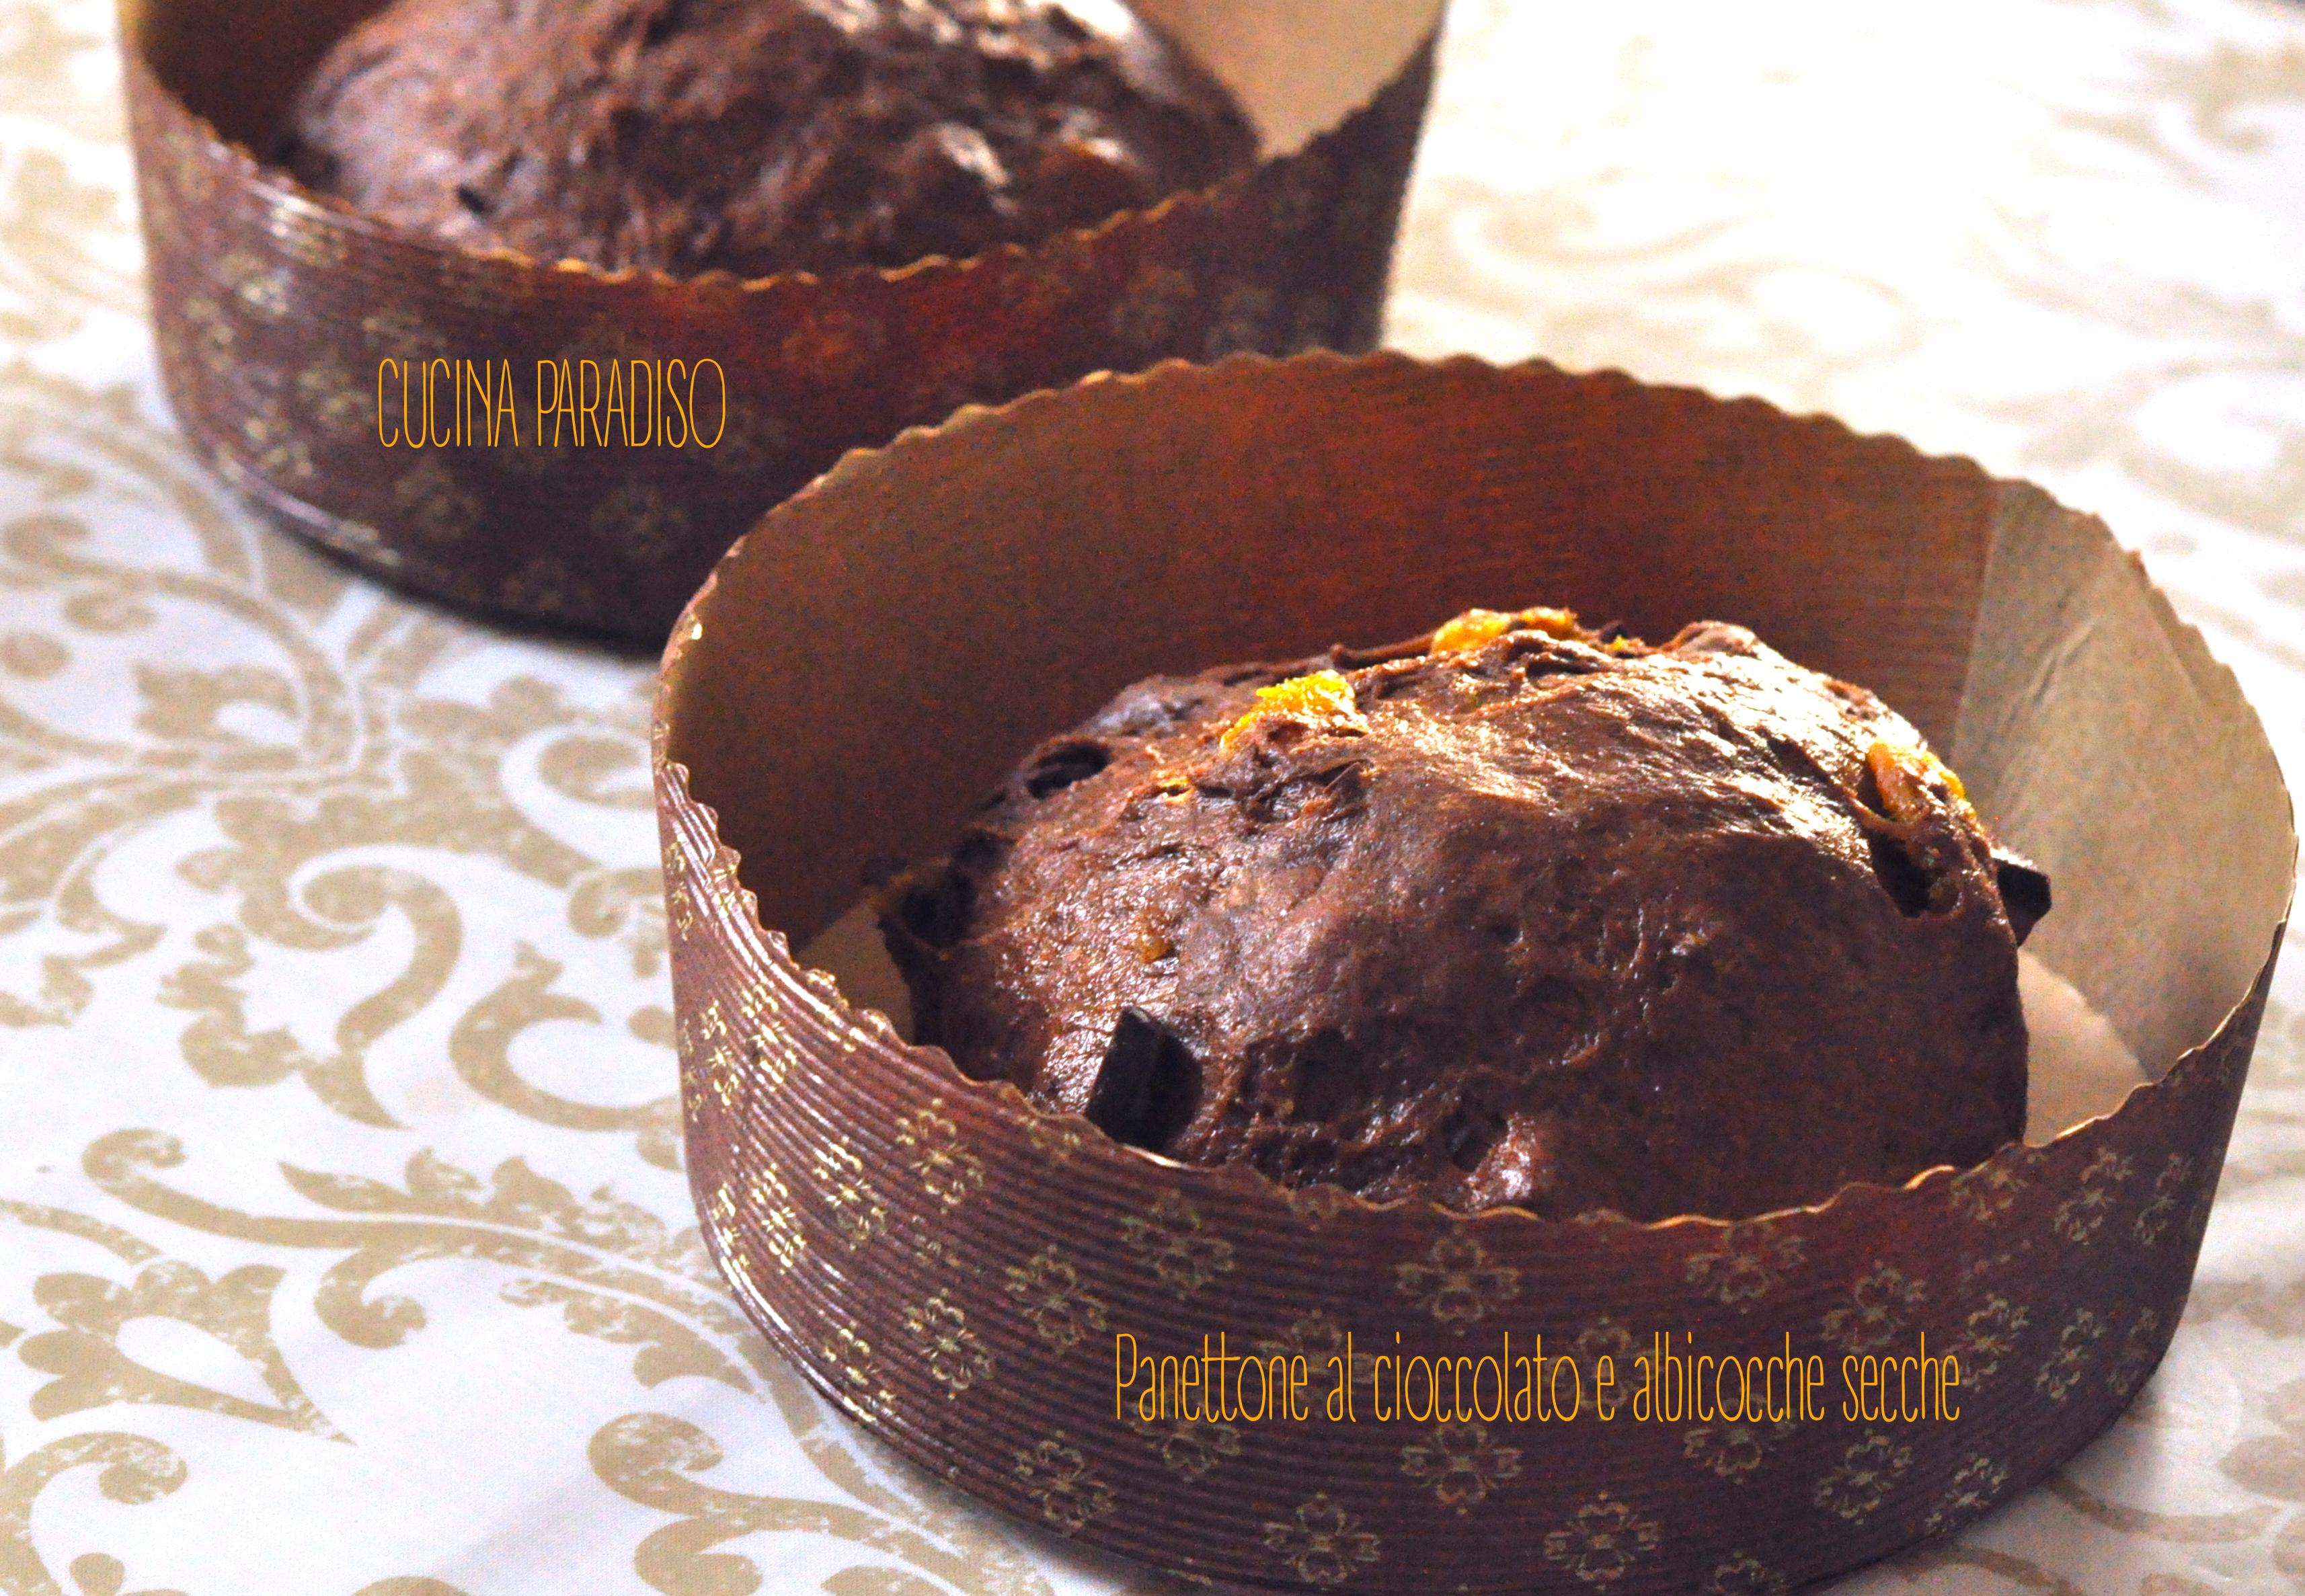 panettone-al-cioccolato-e-albicocche-secche